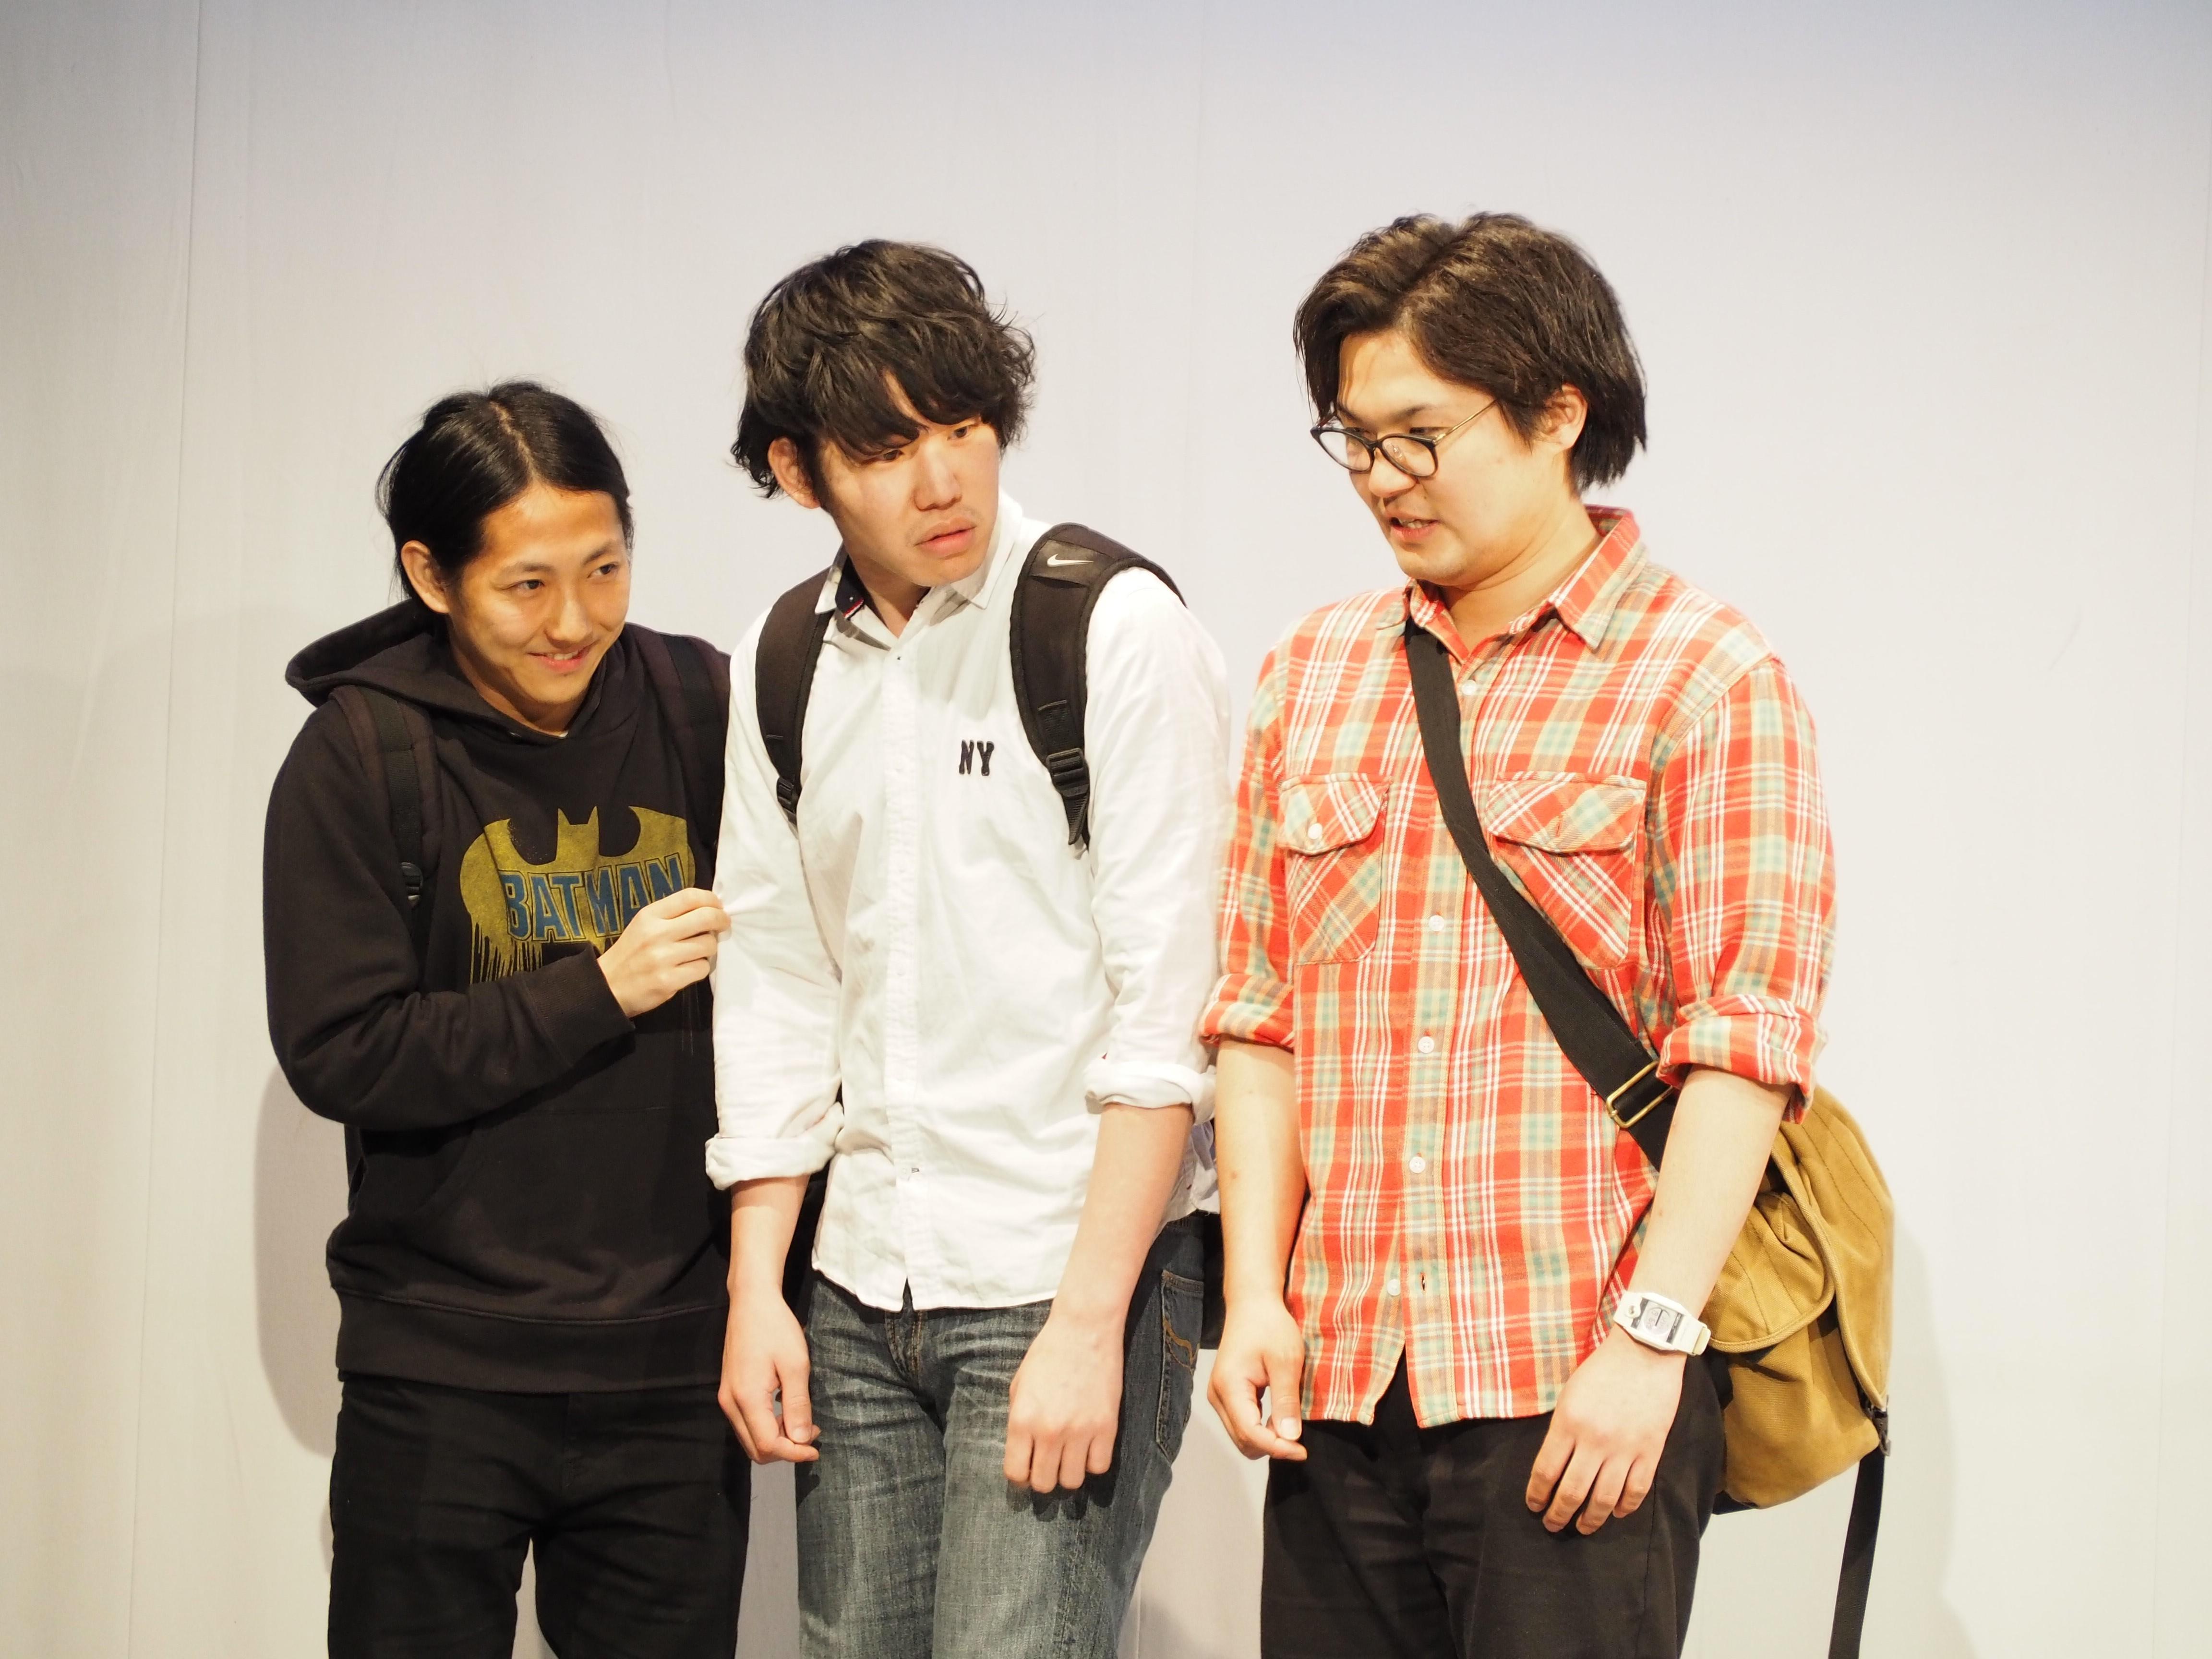 http://news.yoshimoto.co.jp/20180330195911-ebbc868025f1a24c7be96cc2b223aa7b18dc04ff.jpg